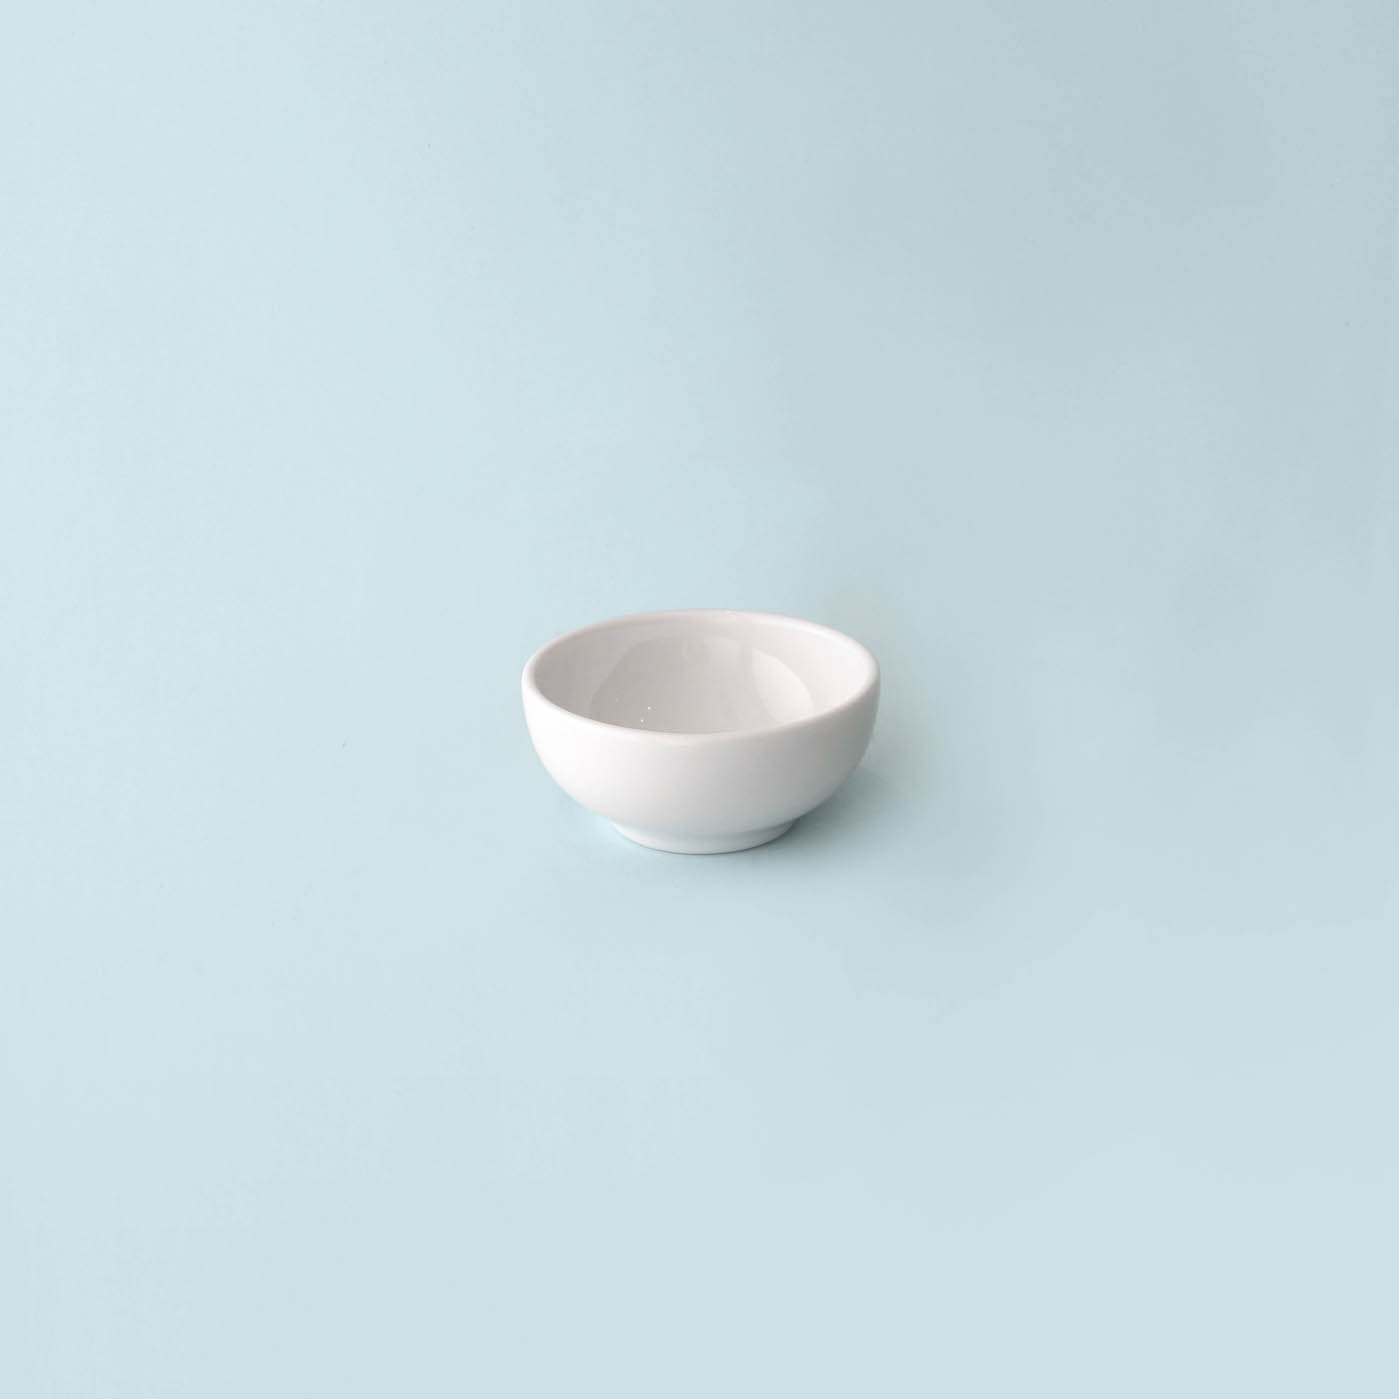 Bowl mini 8,5 cm